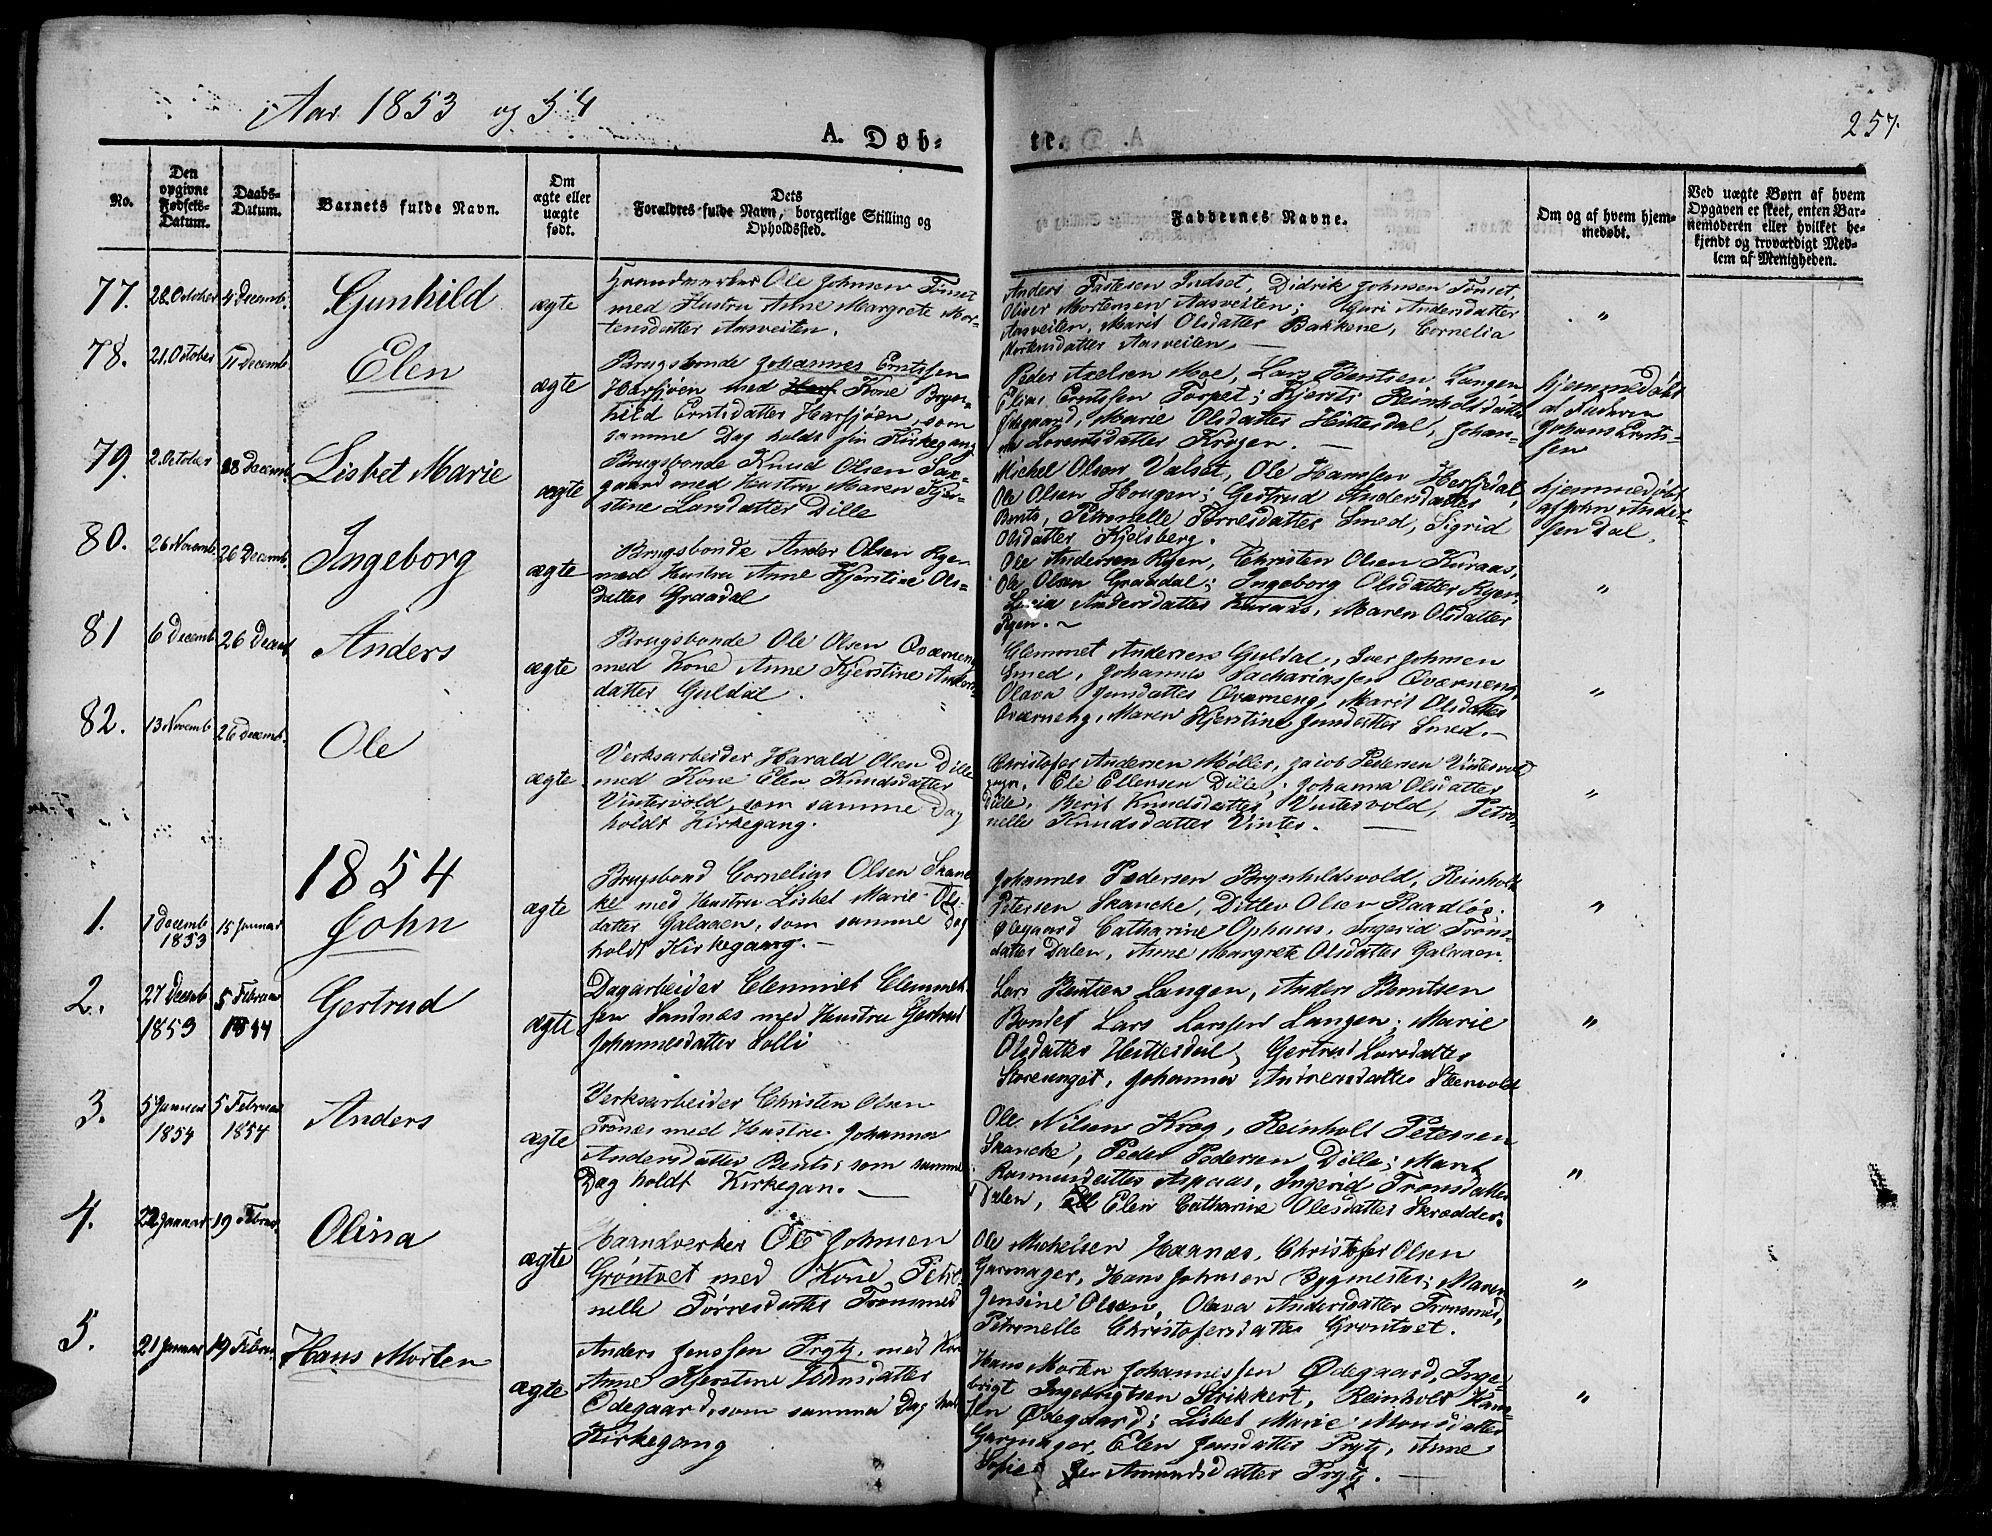 SAT, Ministerialprotokoller, klokkerbøker og fødselsregistre - Sør-Trøndelag, 681/L0938: Klokkerbok nr. 681C02, 1829-1879, s. 257